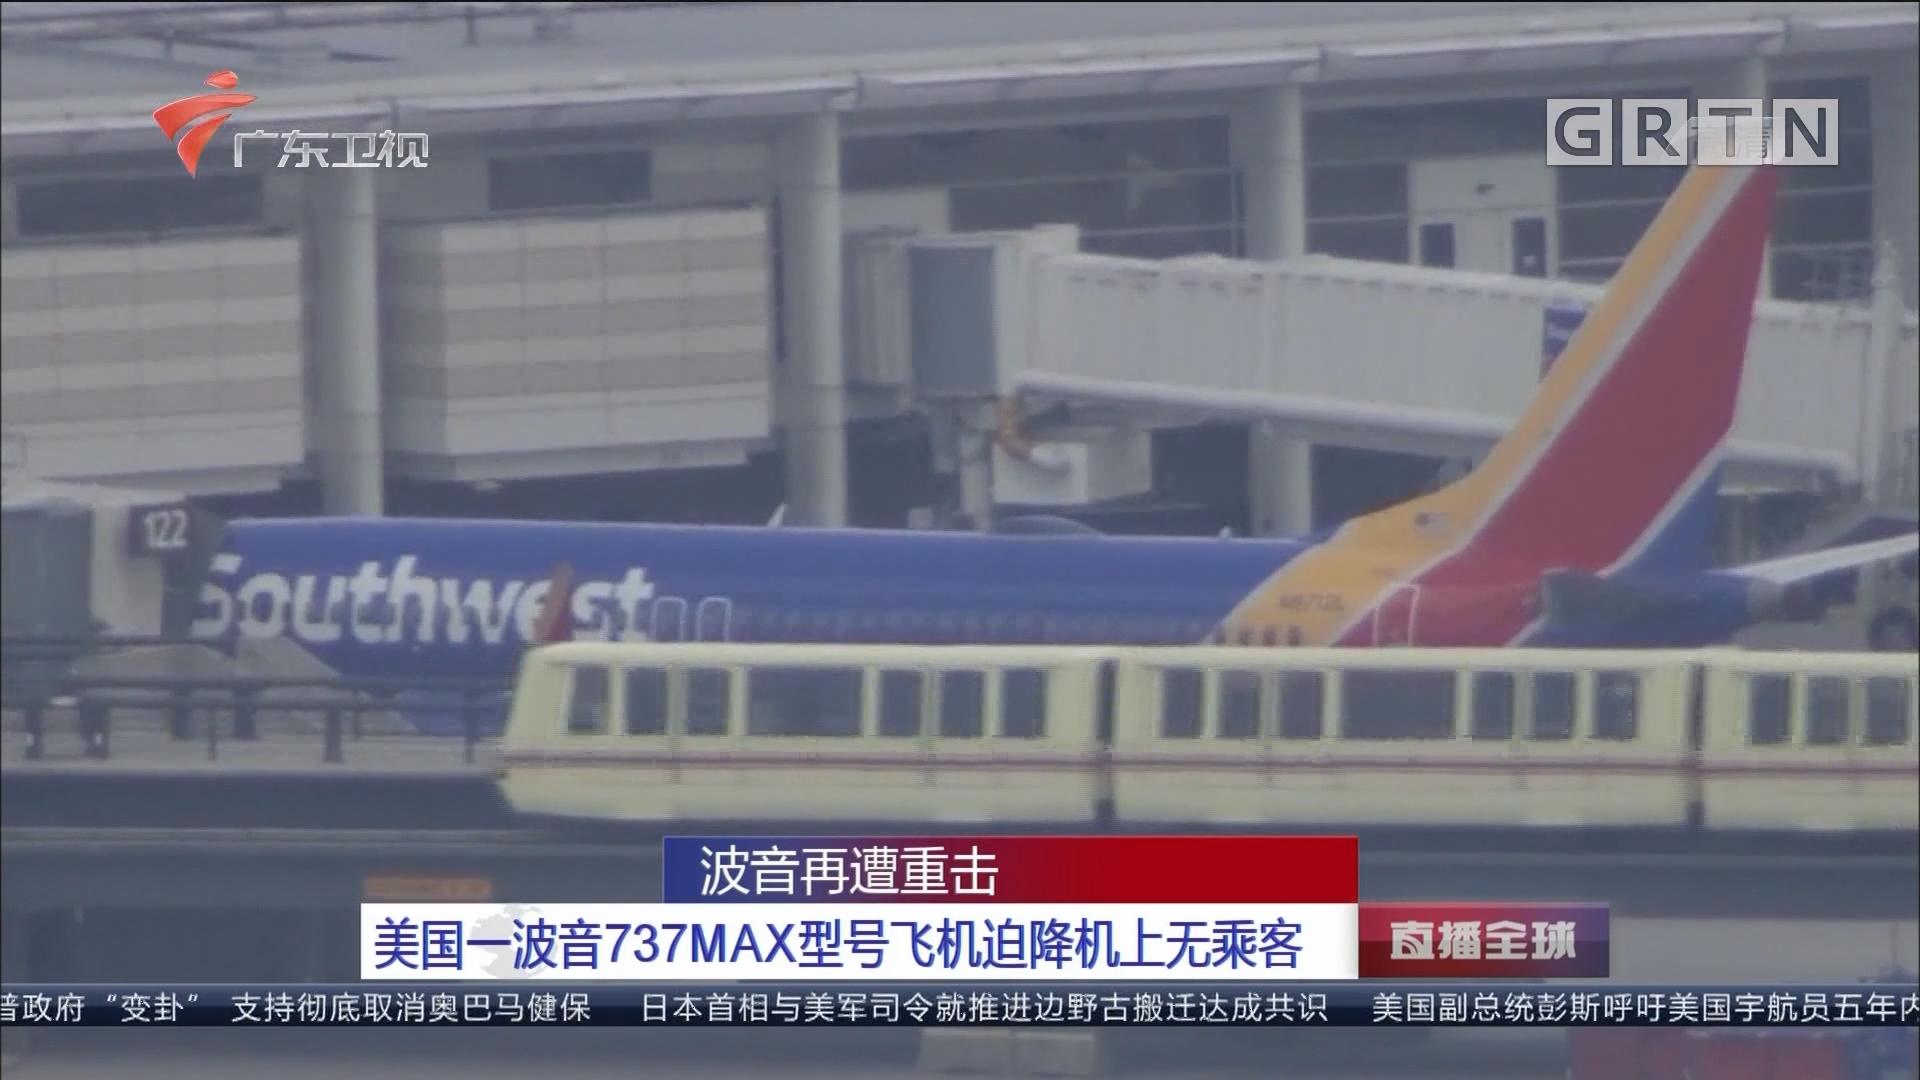 波音再遭重击:美国一波音737MAX型号飞机迫降机上无乘客